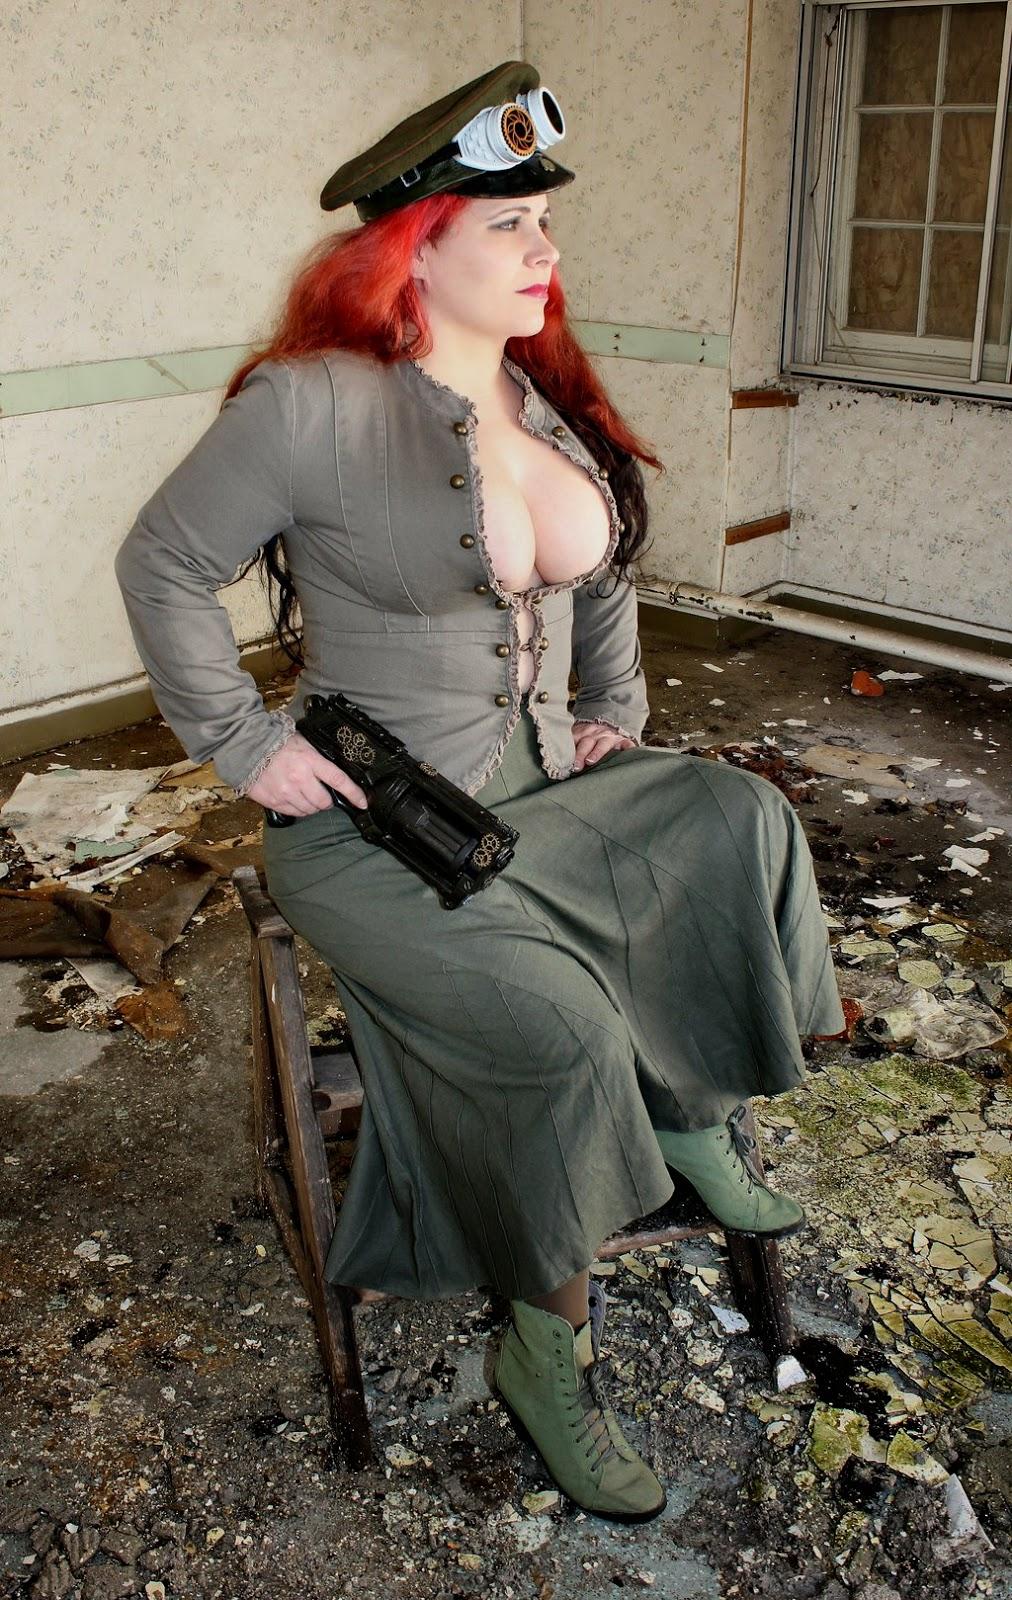 guerrière steampunk au décolleté généreux cheveux rouges